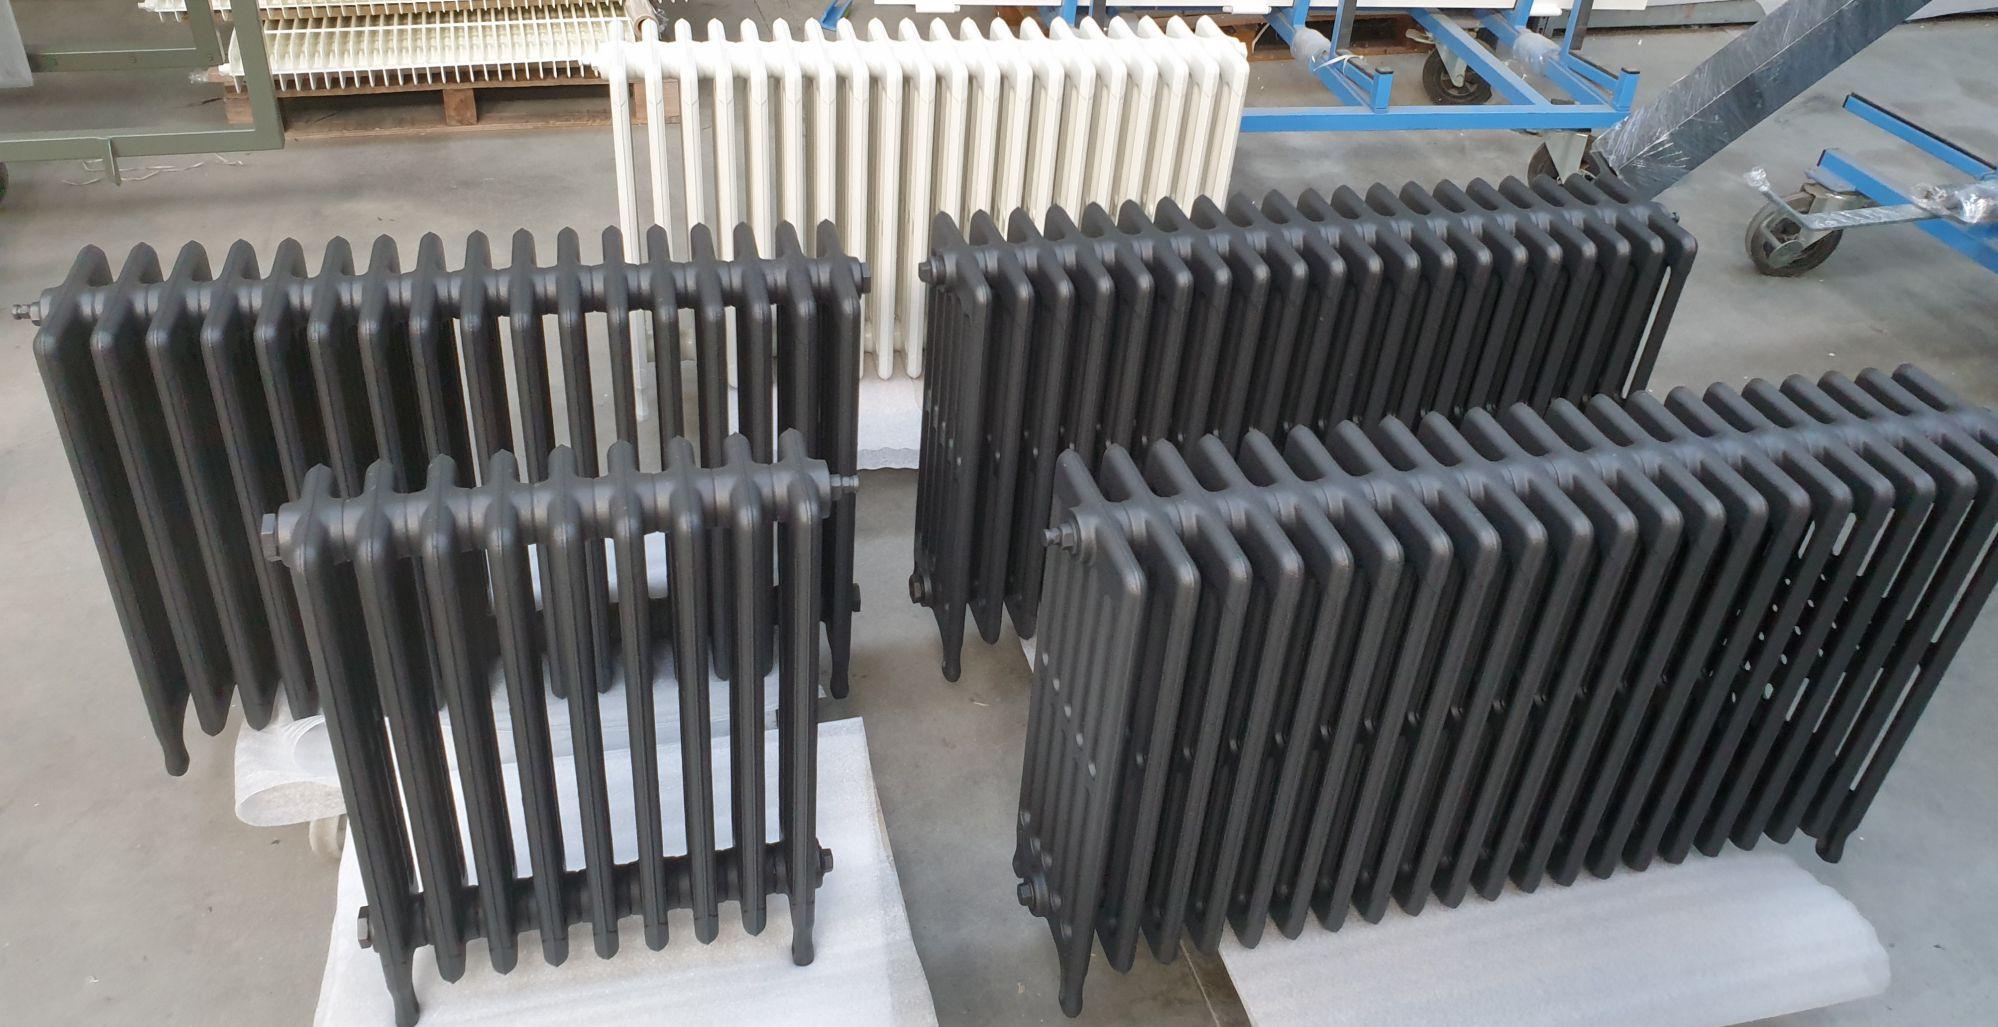 Rénovation et restauration de radiateur et décoration - métallisation 79, 85, 17